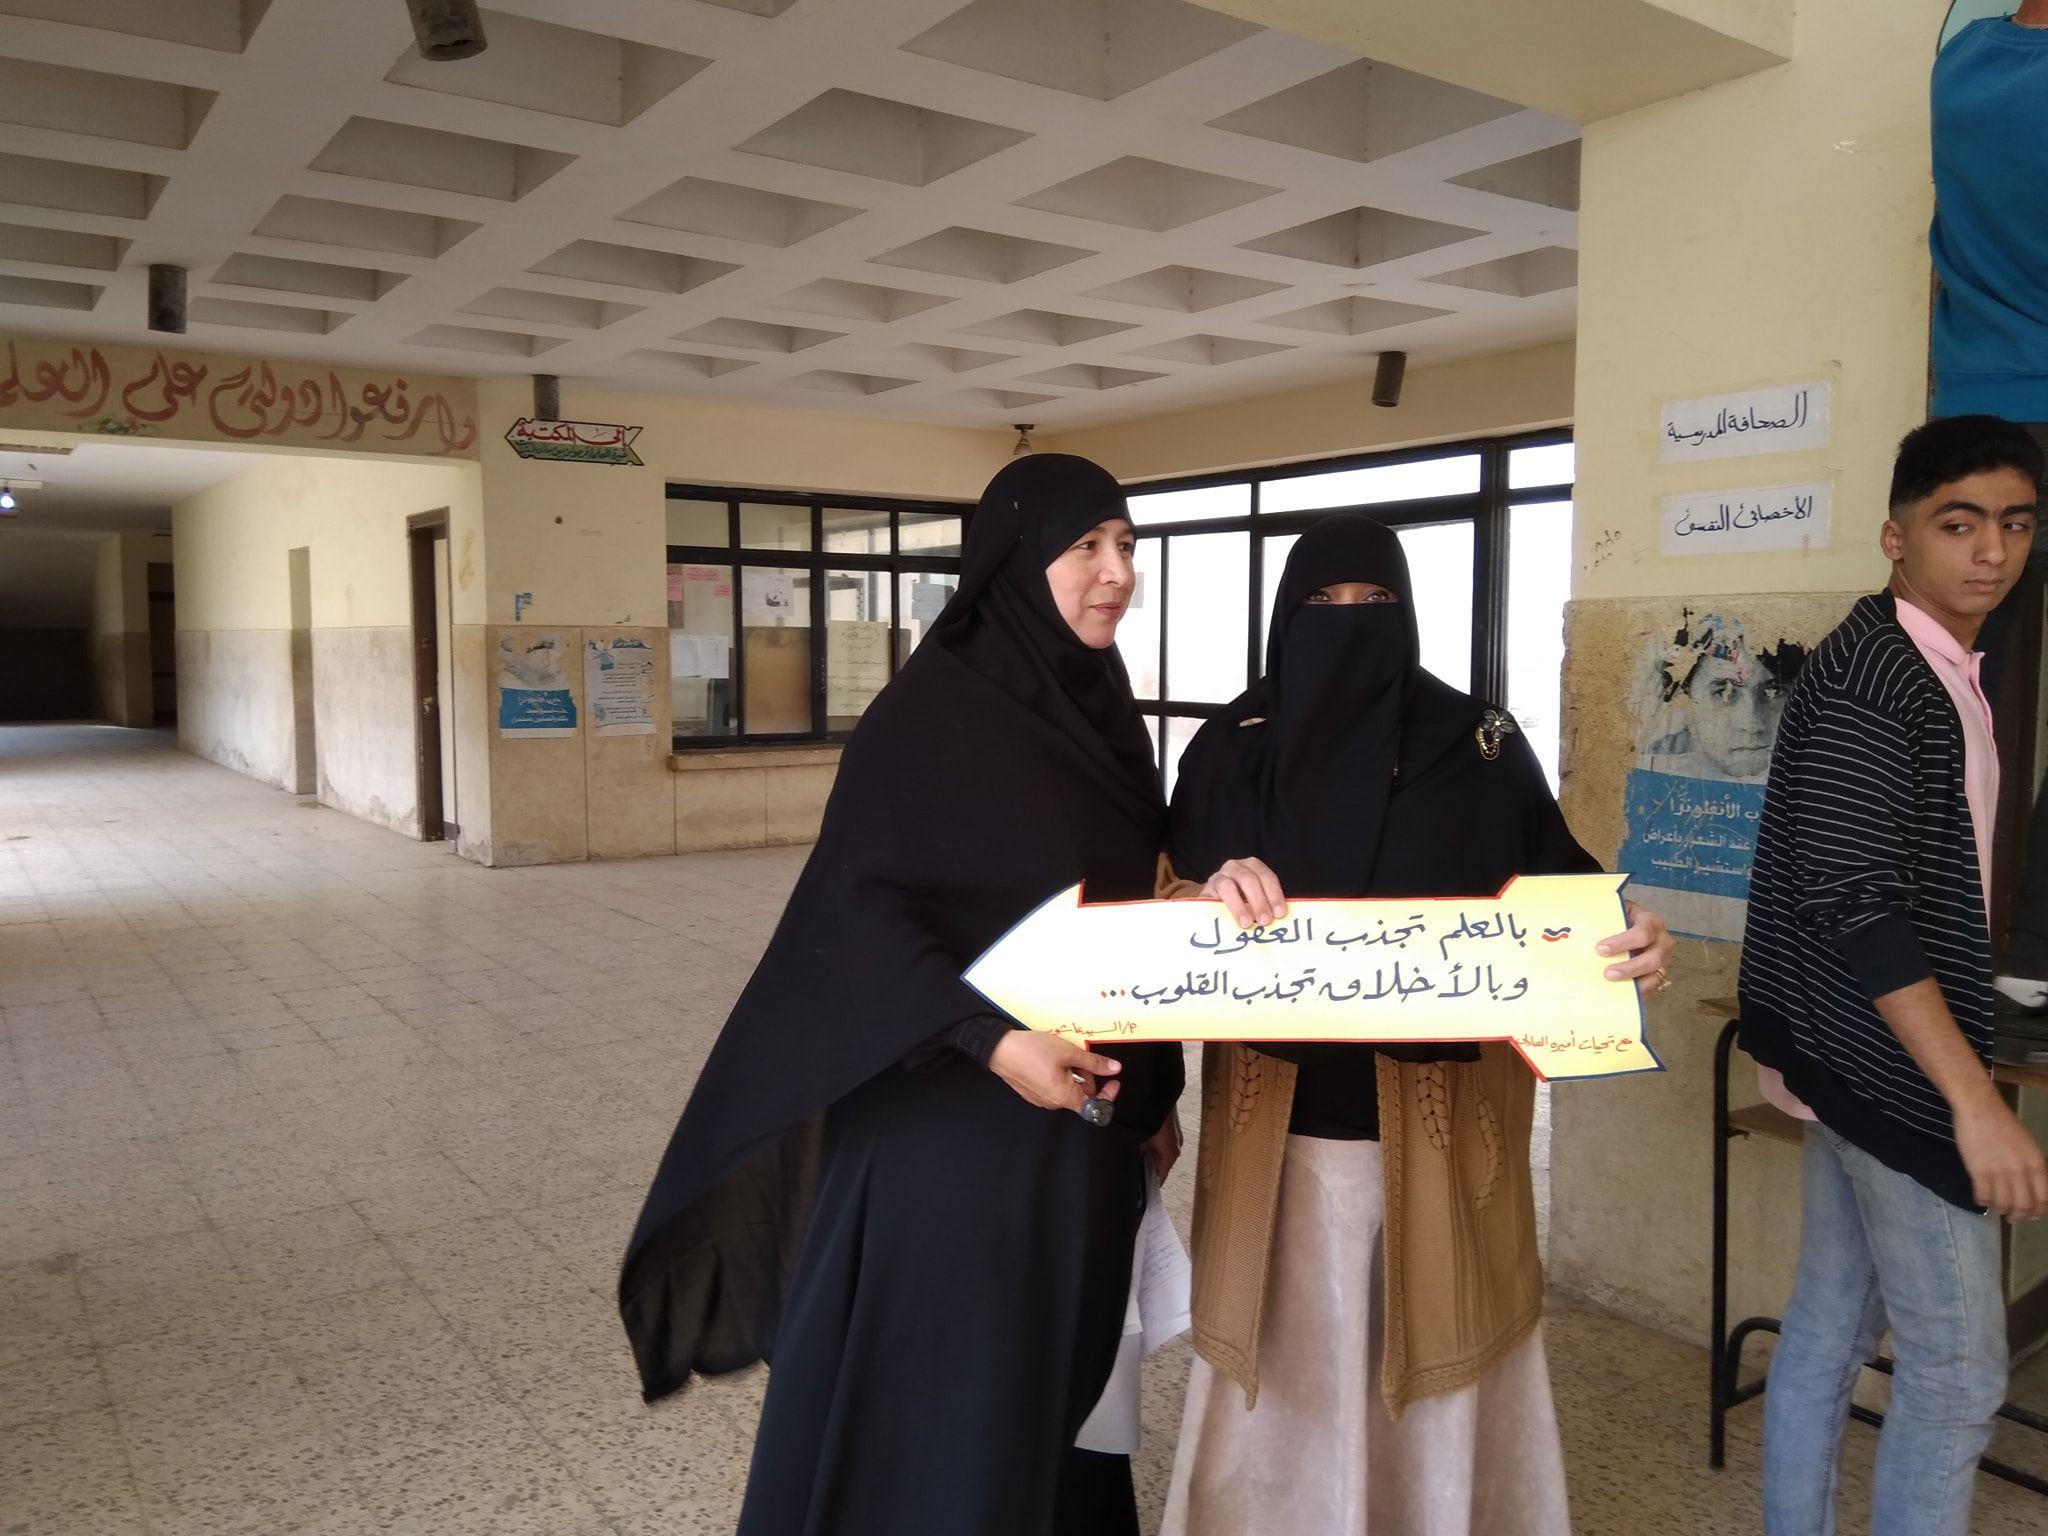 تزيين الممرات في المدرسة بالعلم تجذب العقول وبالأخلاق تجذب القلوب مصطفى نور الدين Nun Dress Nuns Fashion